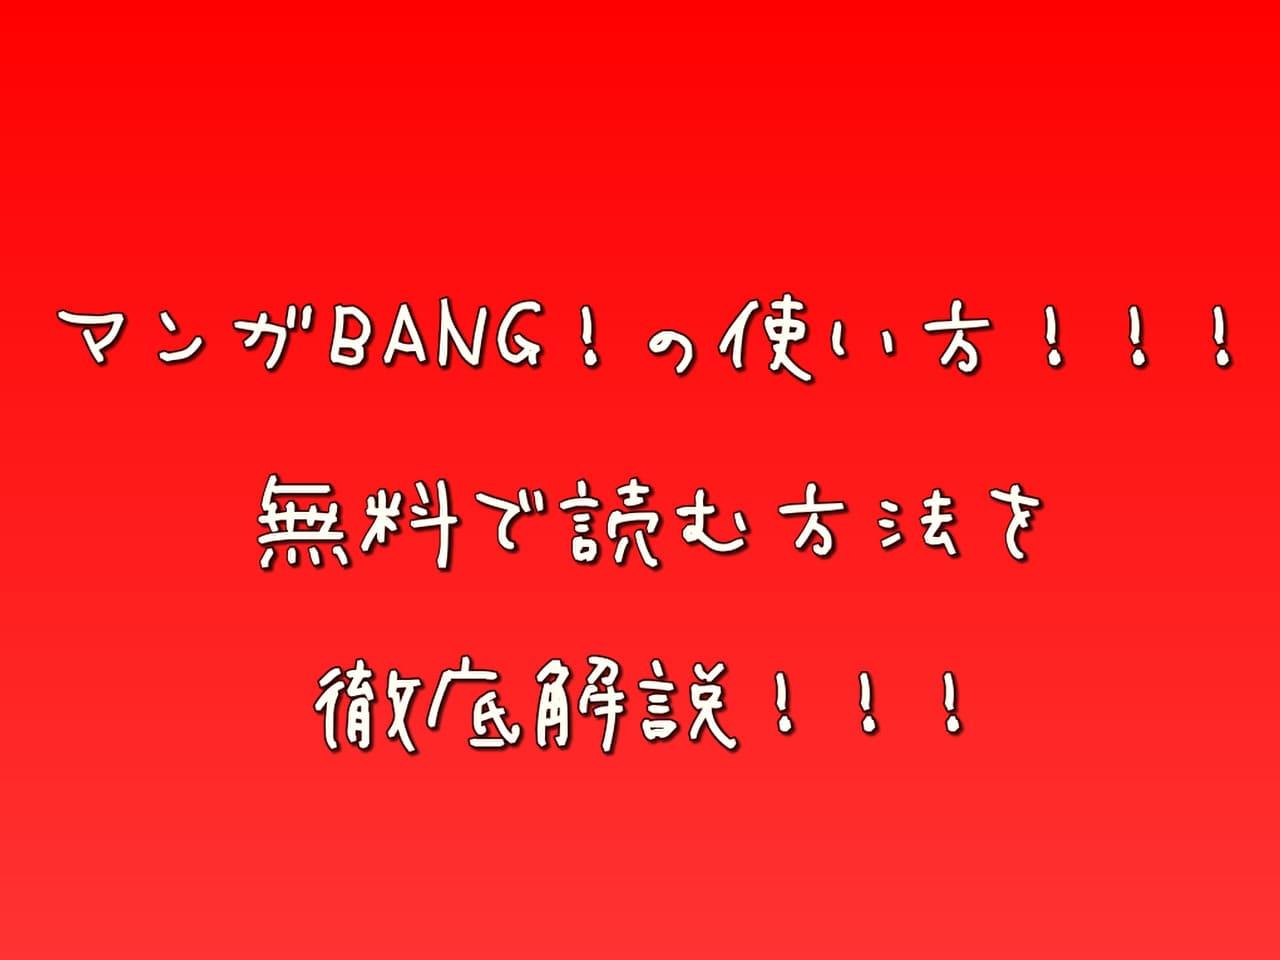 マンガBANG!の使い方!!!無料で読む方法徹底解説!!!